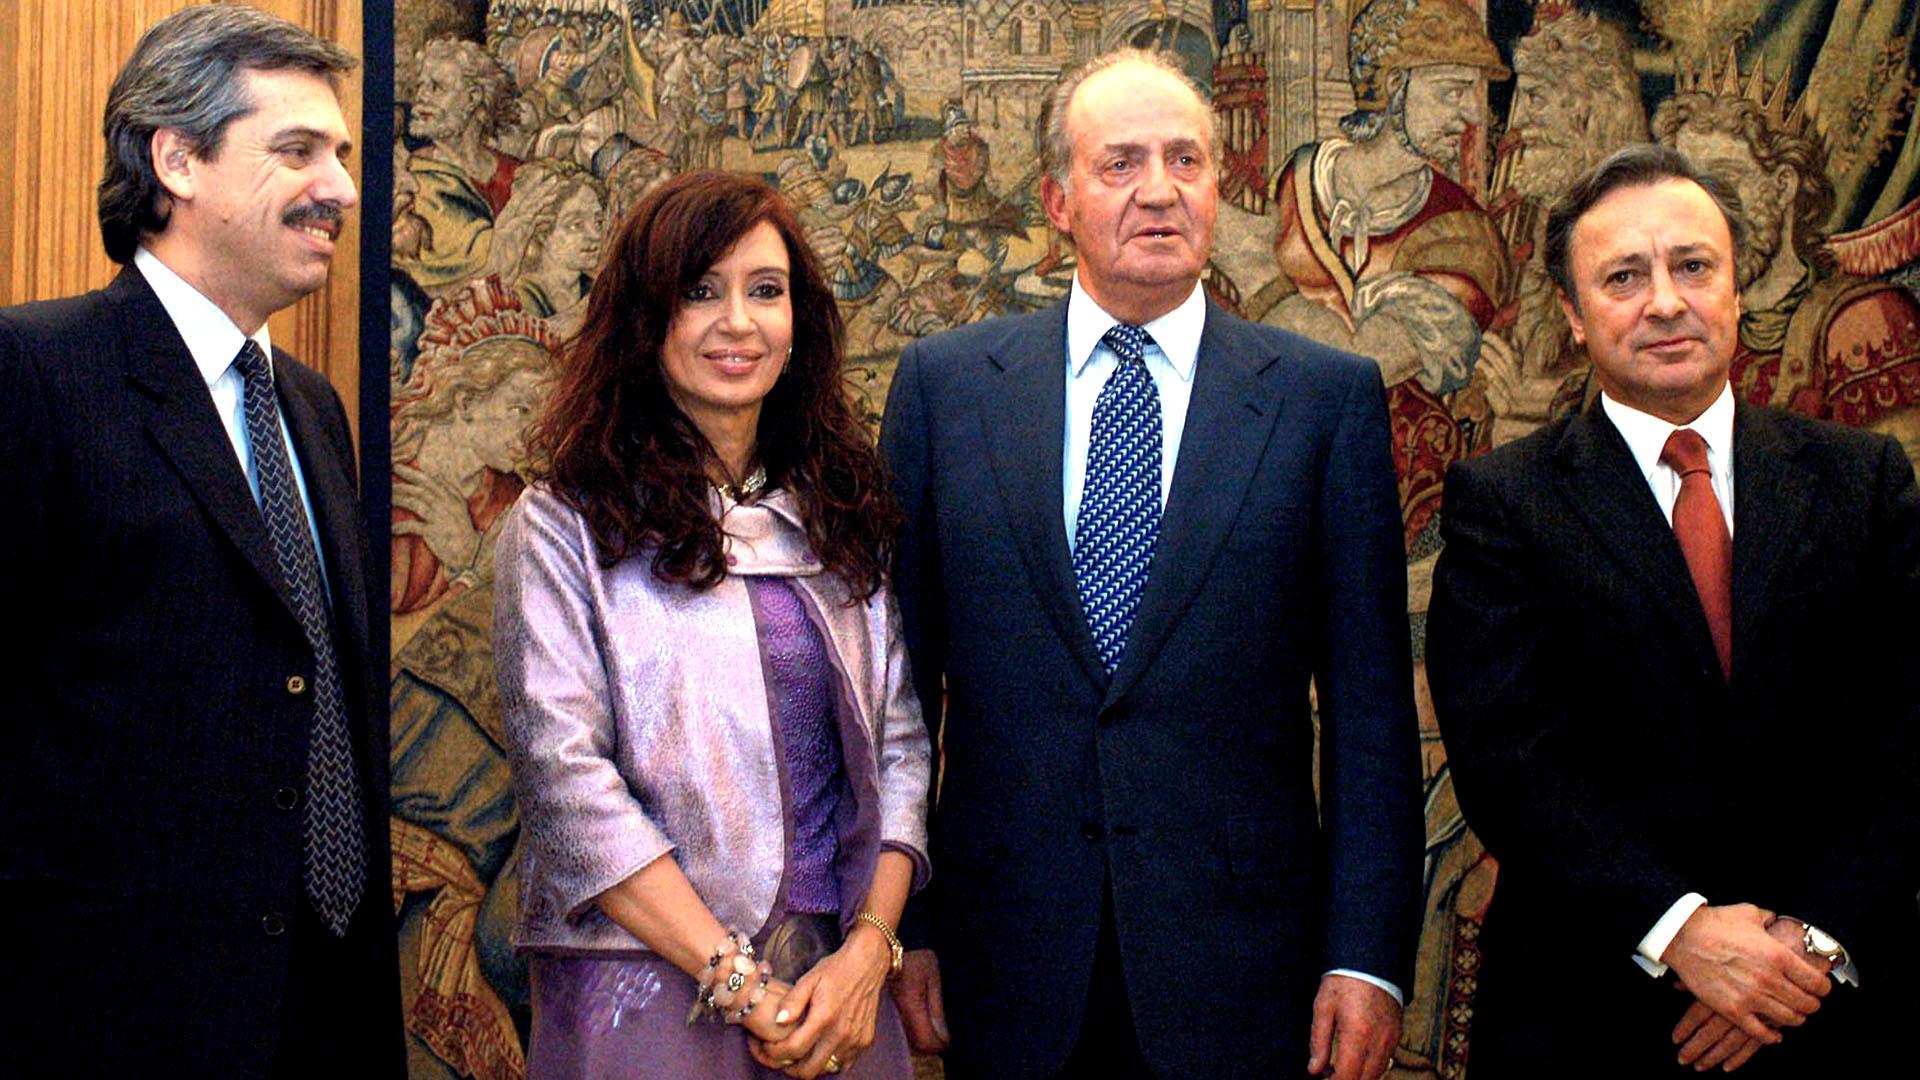 El 12 de diciembre viajó a Madrid con la senadora y primera dama Cristina Kirchner para reunirse con el rey Juan Carlos y el ex presidente del gobierno español, José Luis Rodríguez Zapatero. Aquí, también el embajador Carlos Bettini.